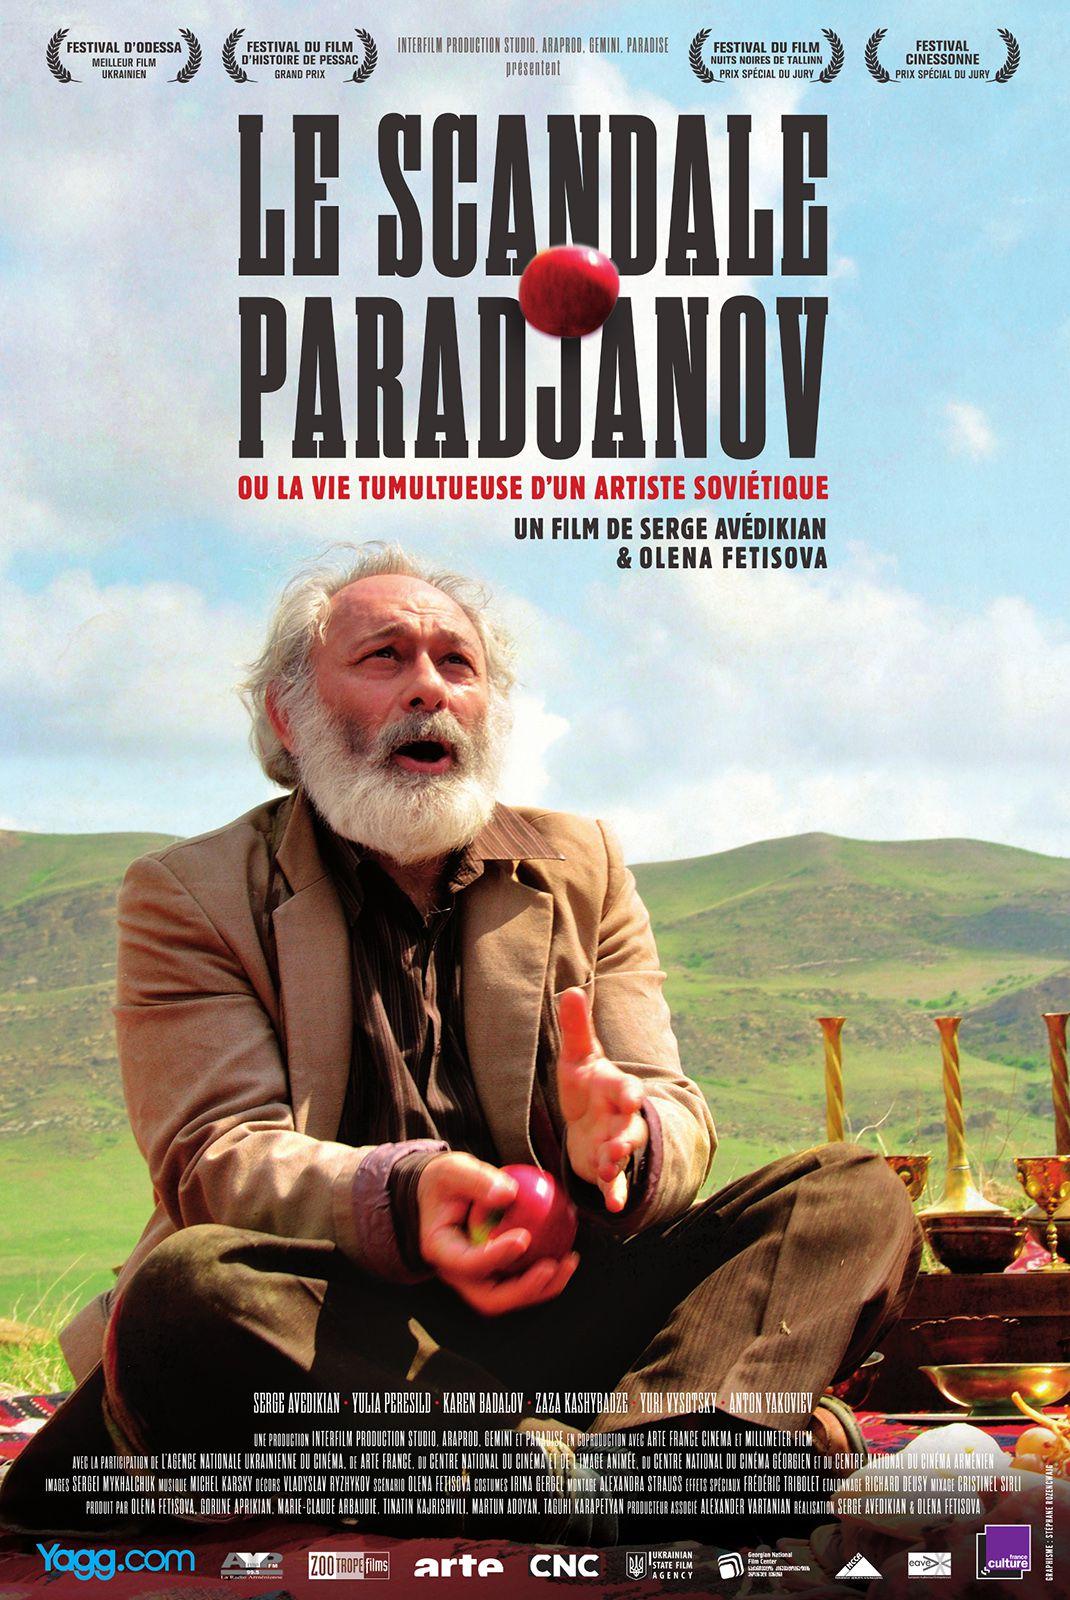 Le scandale Paradjanov ou la vie tumultueuse d'un artiste soviétique - Film (2014)